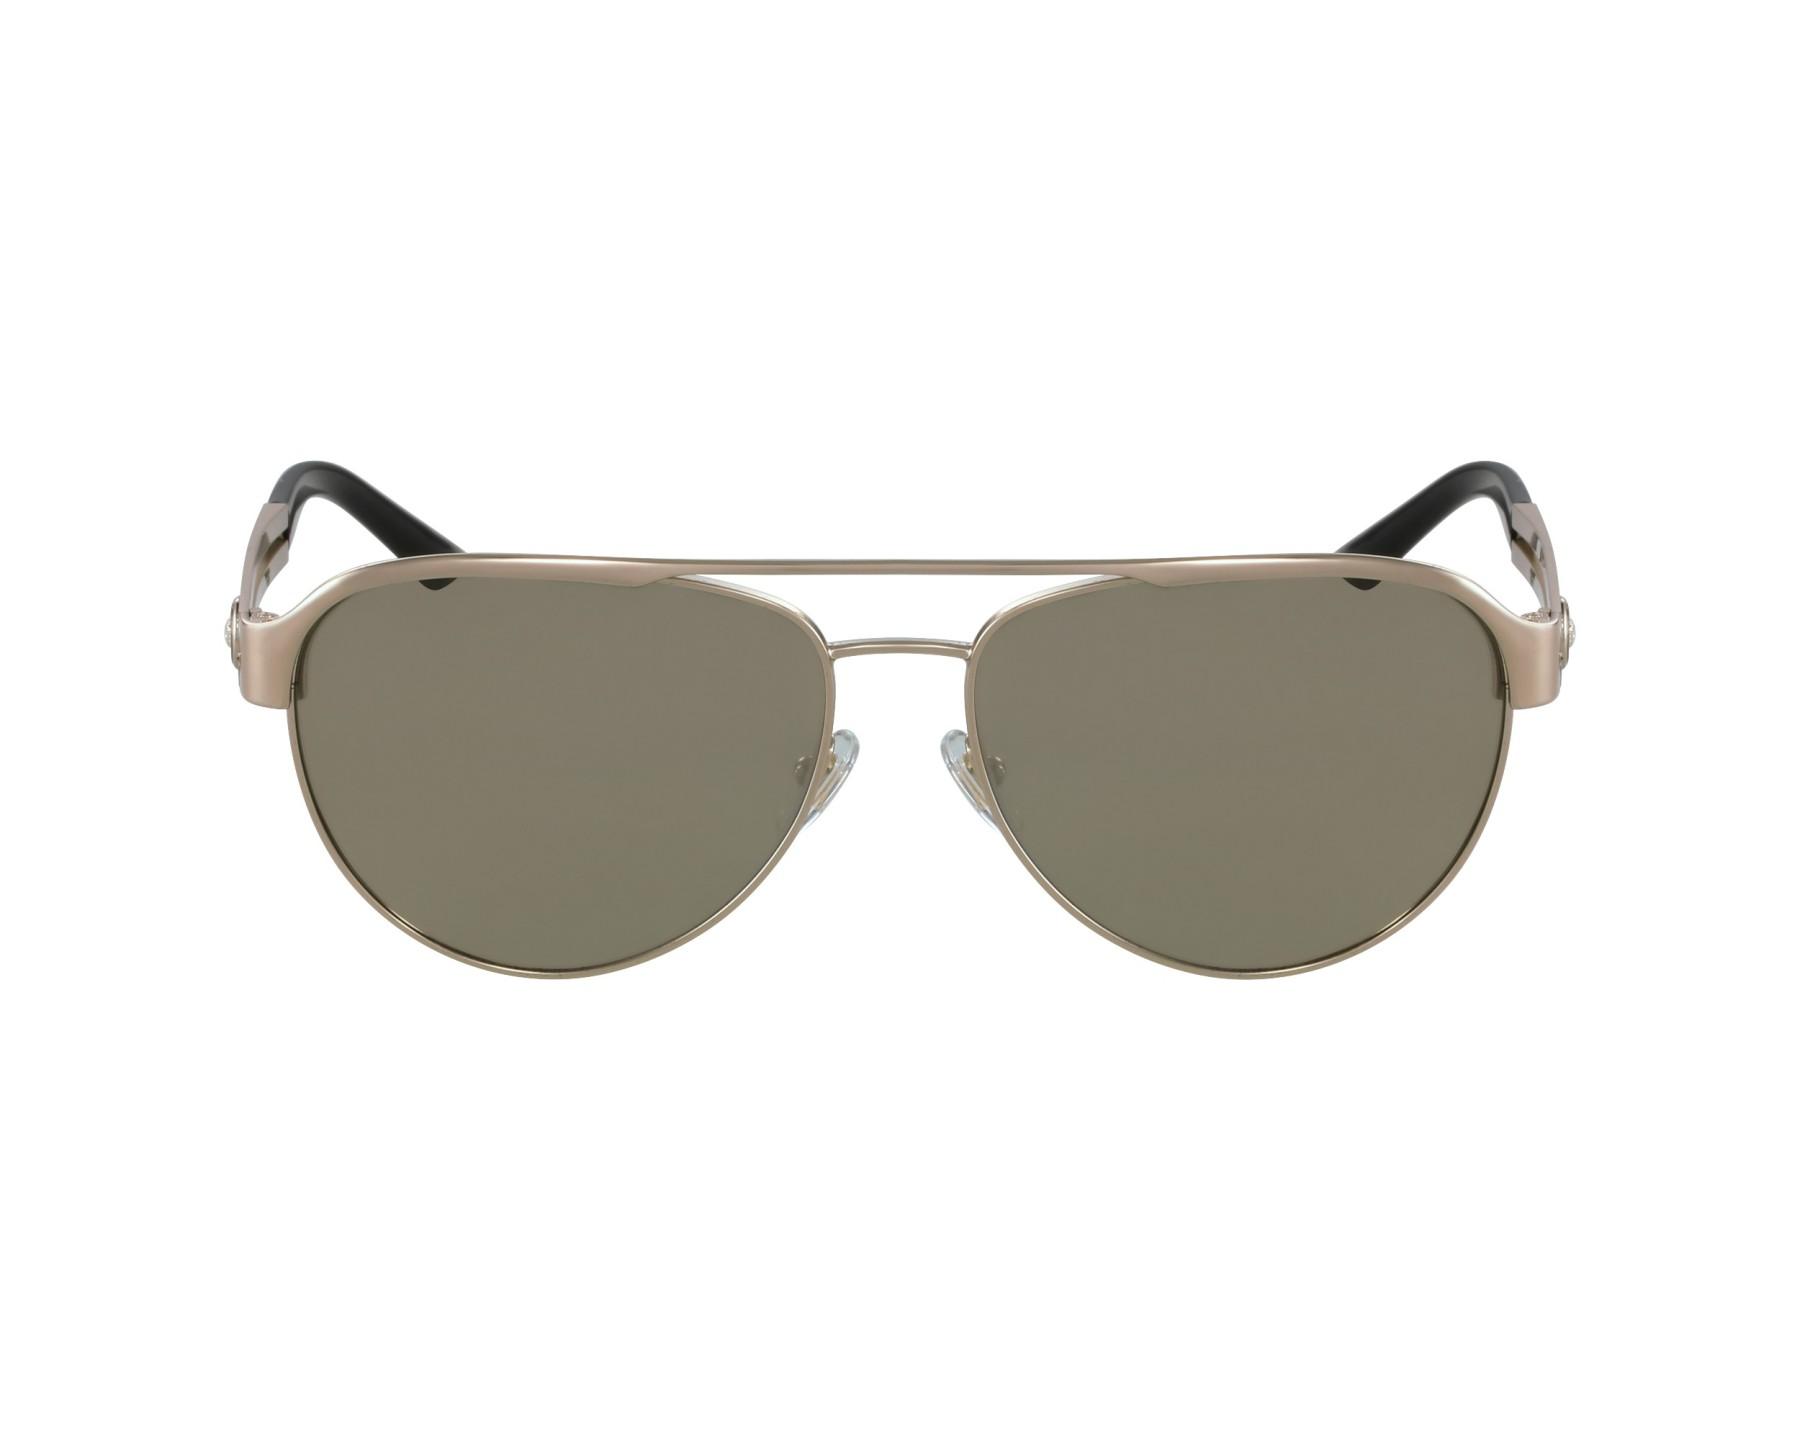 lunettes de soleil versace ve 2165 1252 5a or avec des verres marron. Black Bedroom Furniture Sets. Home Design Ideas